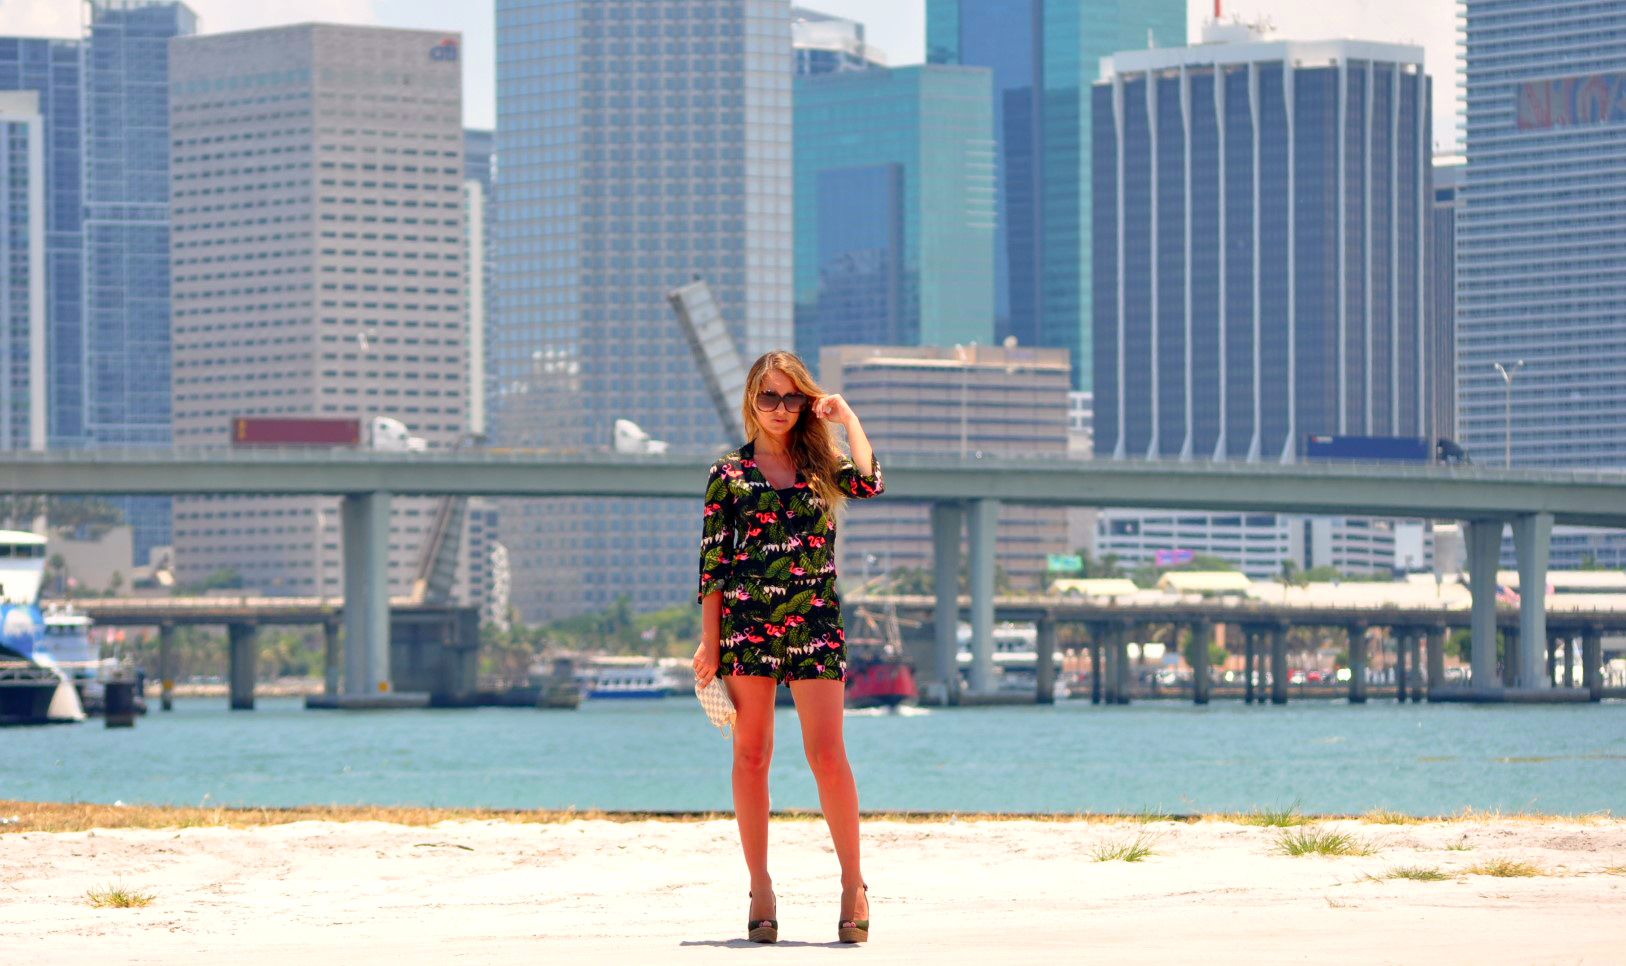 Qué hacer y ver en Miami, Florida Qué hacer y ver en Miami Qué hacer y ver en Miami 31012054260 a164905142 o